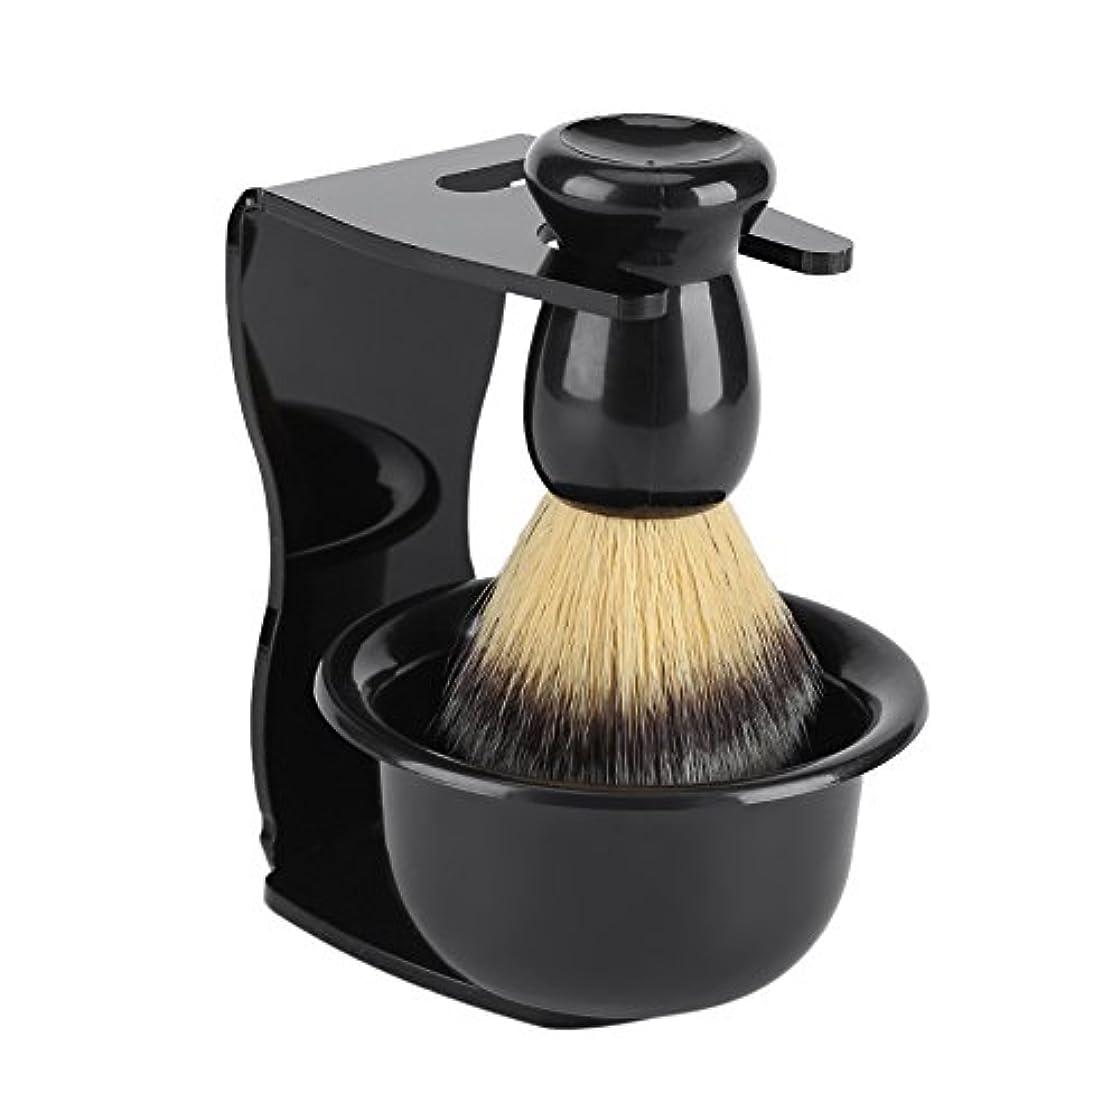 拍手辛いクリーナーシェービングブラシ 3点セット 純粋なバッガーヘアシェービングブラシ プロフェッショナルメンズ 洗顔 髭 剃り 泡立ち 洗顔ブラシ シェービングブラシ スタンド ホルダー ボウル